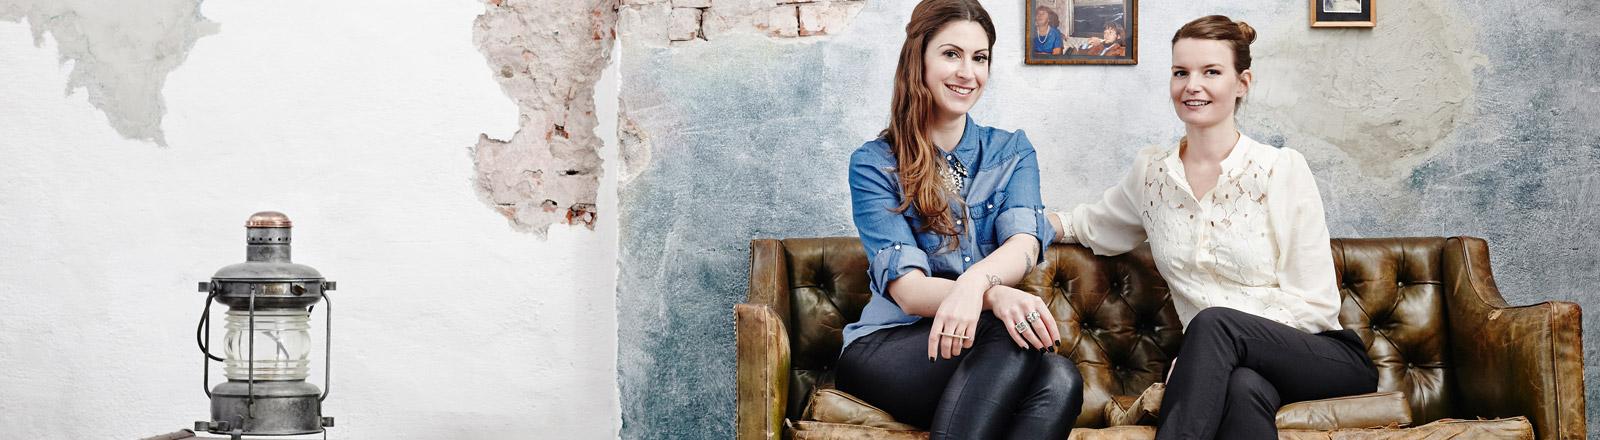 Madita van Hülsen und Anemone Zeim sitzen auf einem Sofa.